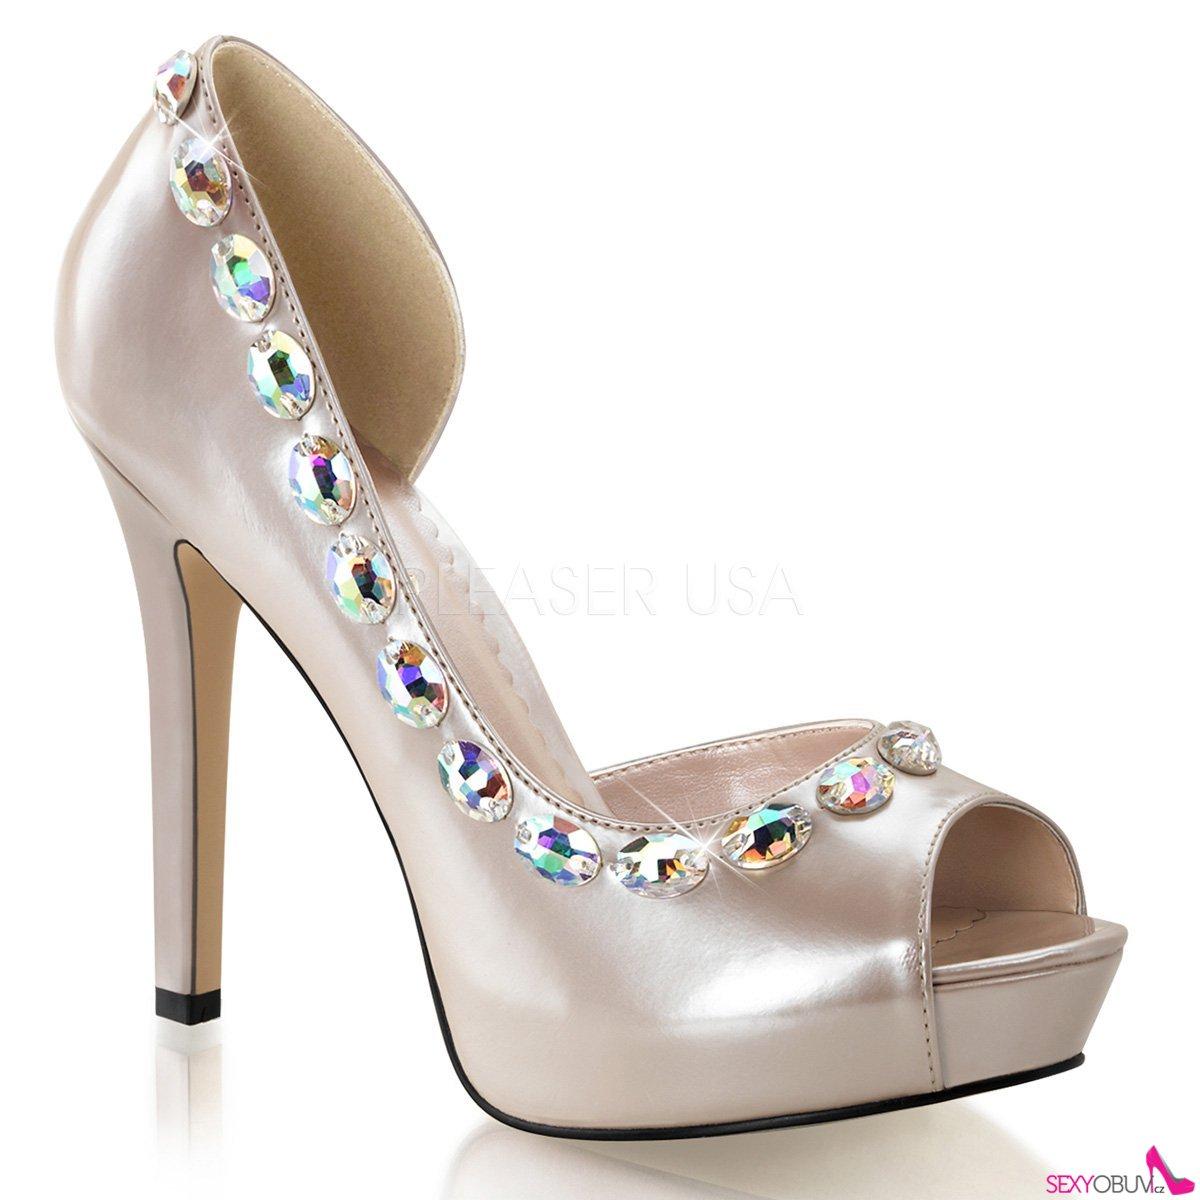 LUMINA-38 Elegantní luxusní dámské lodičky na podpatku šampaň ... 86a4581c97